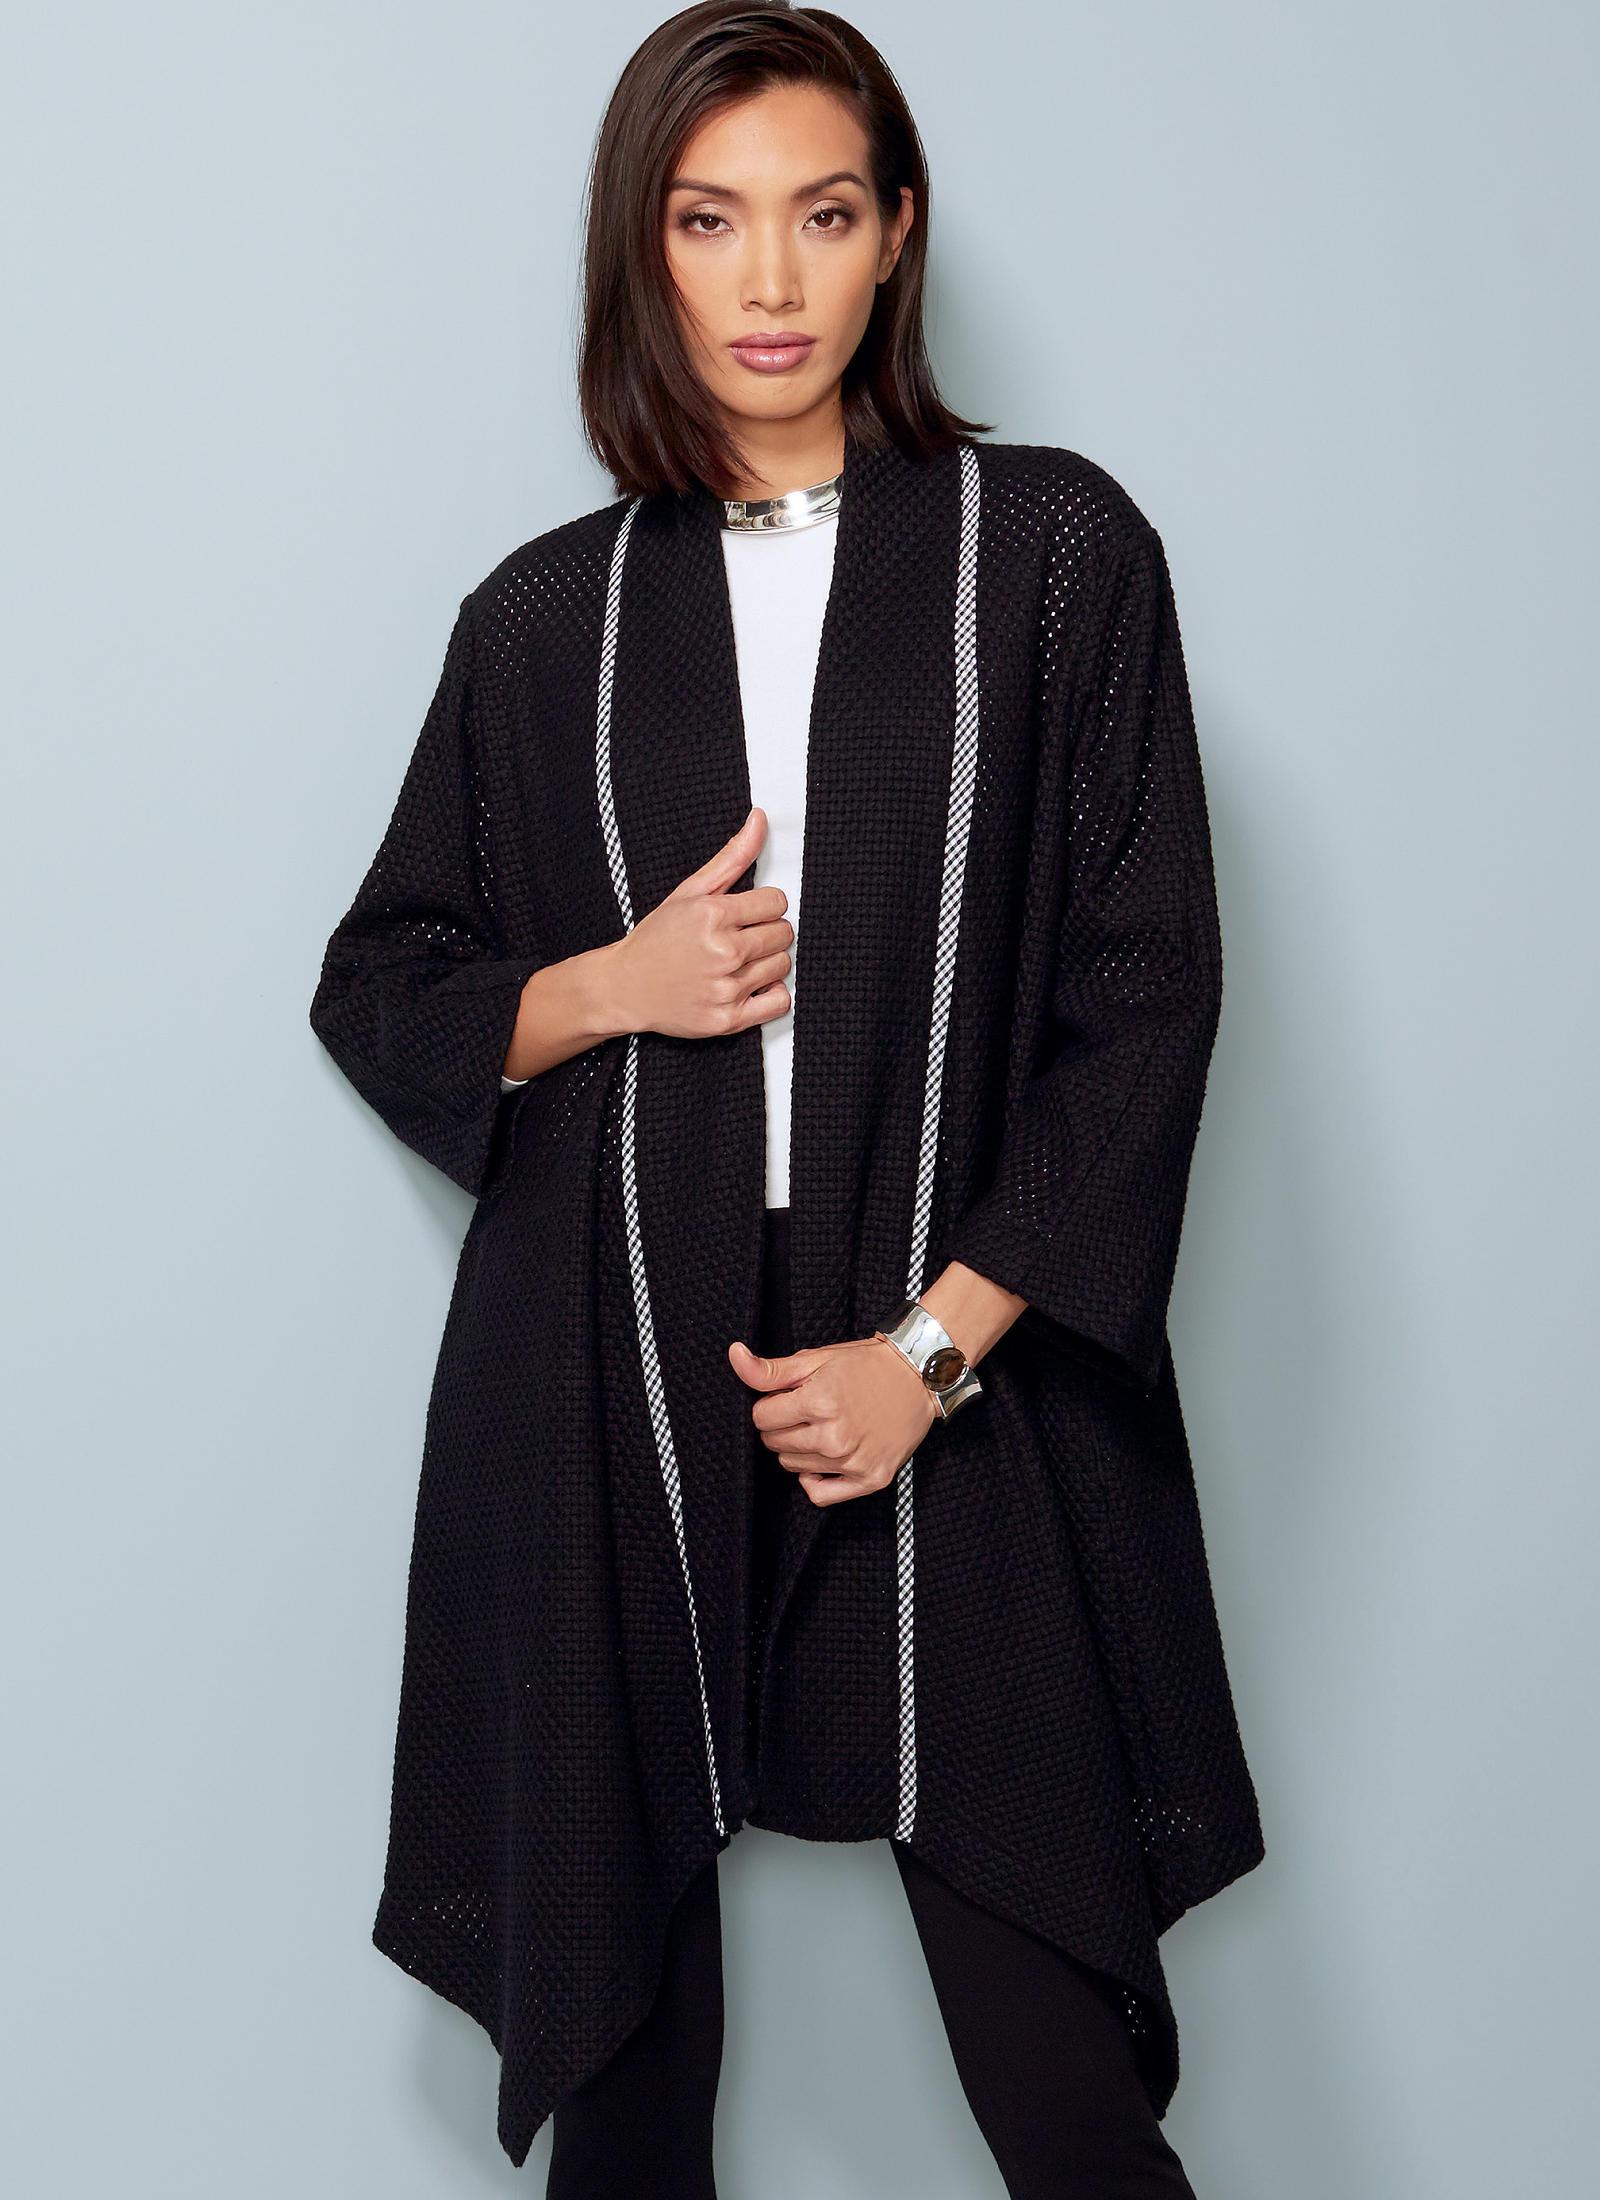 Vogue Patterns 1540 MISSES' BANDED COAT AND VEST